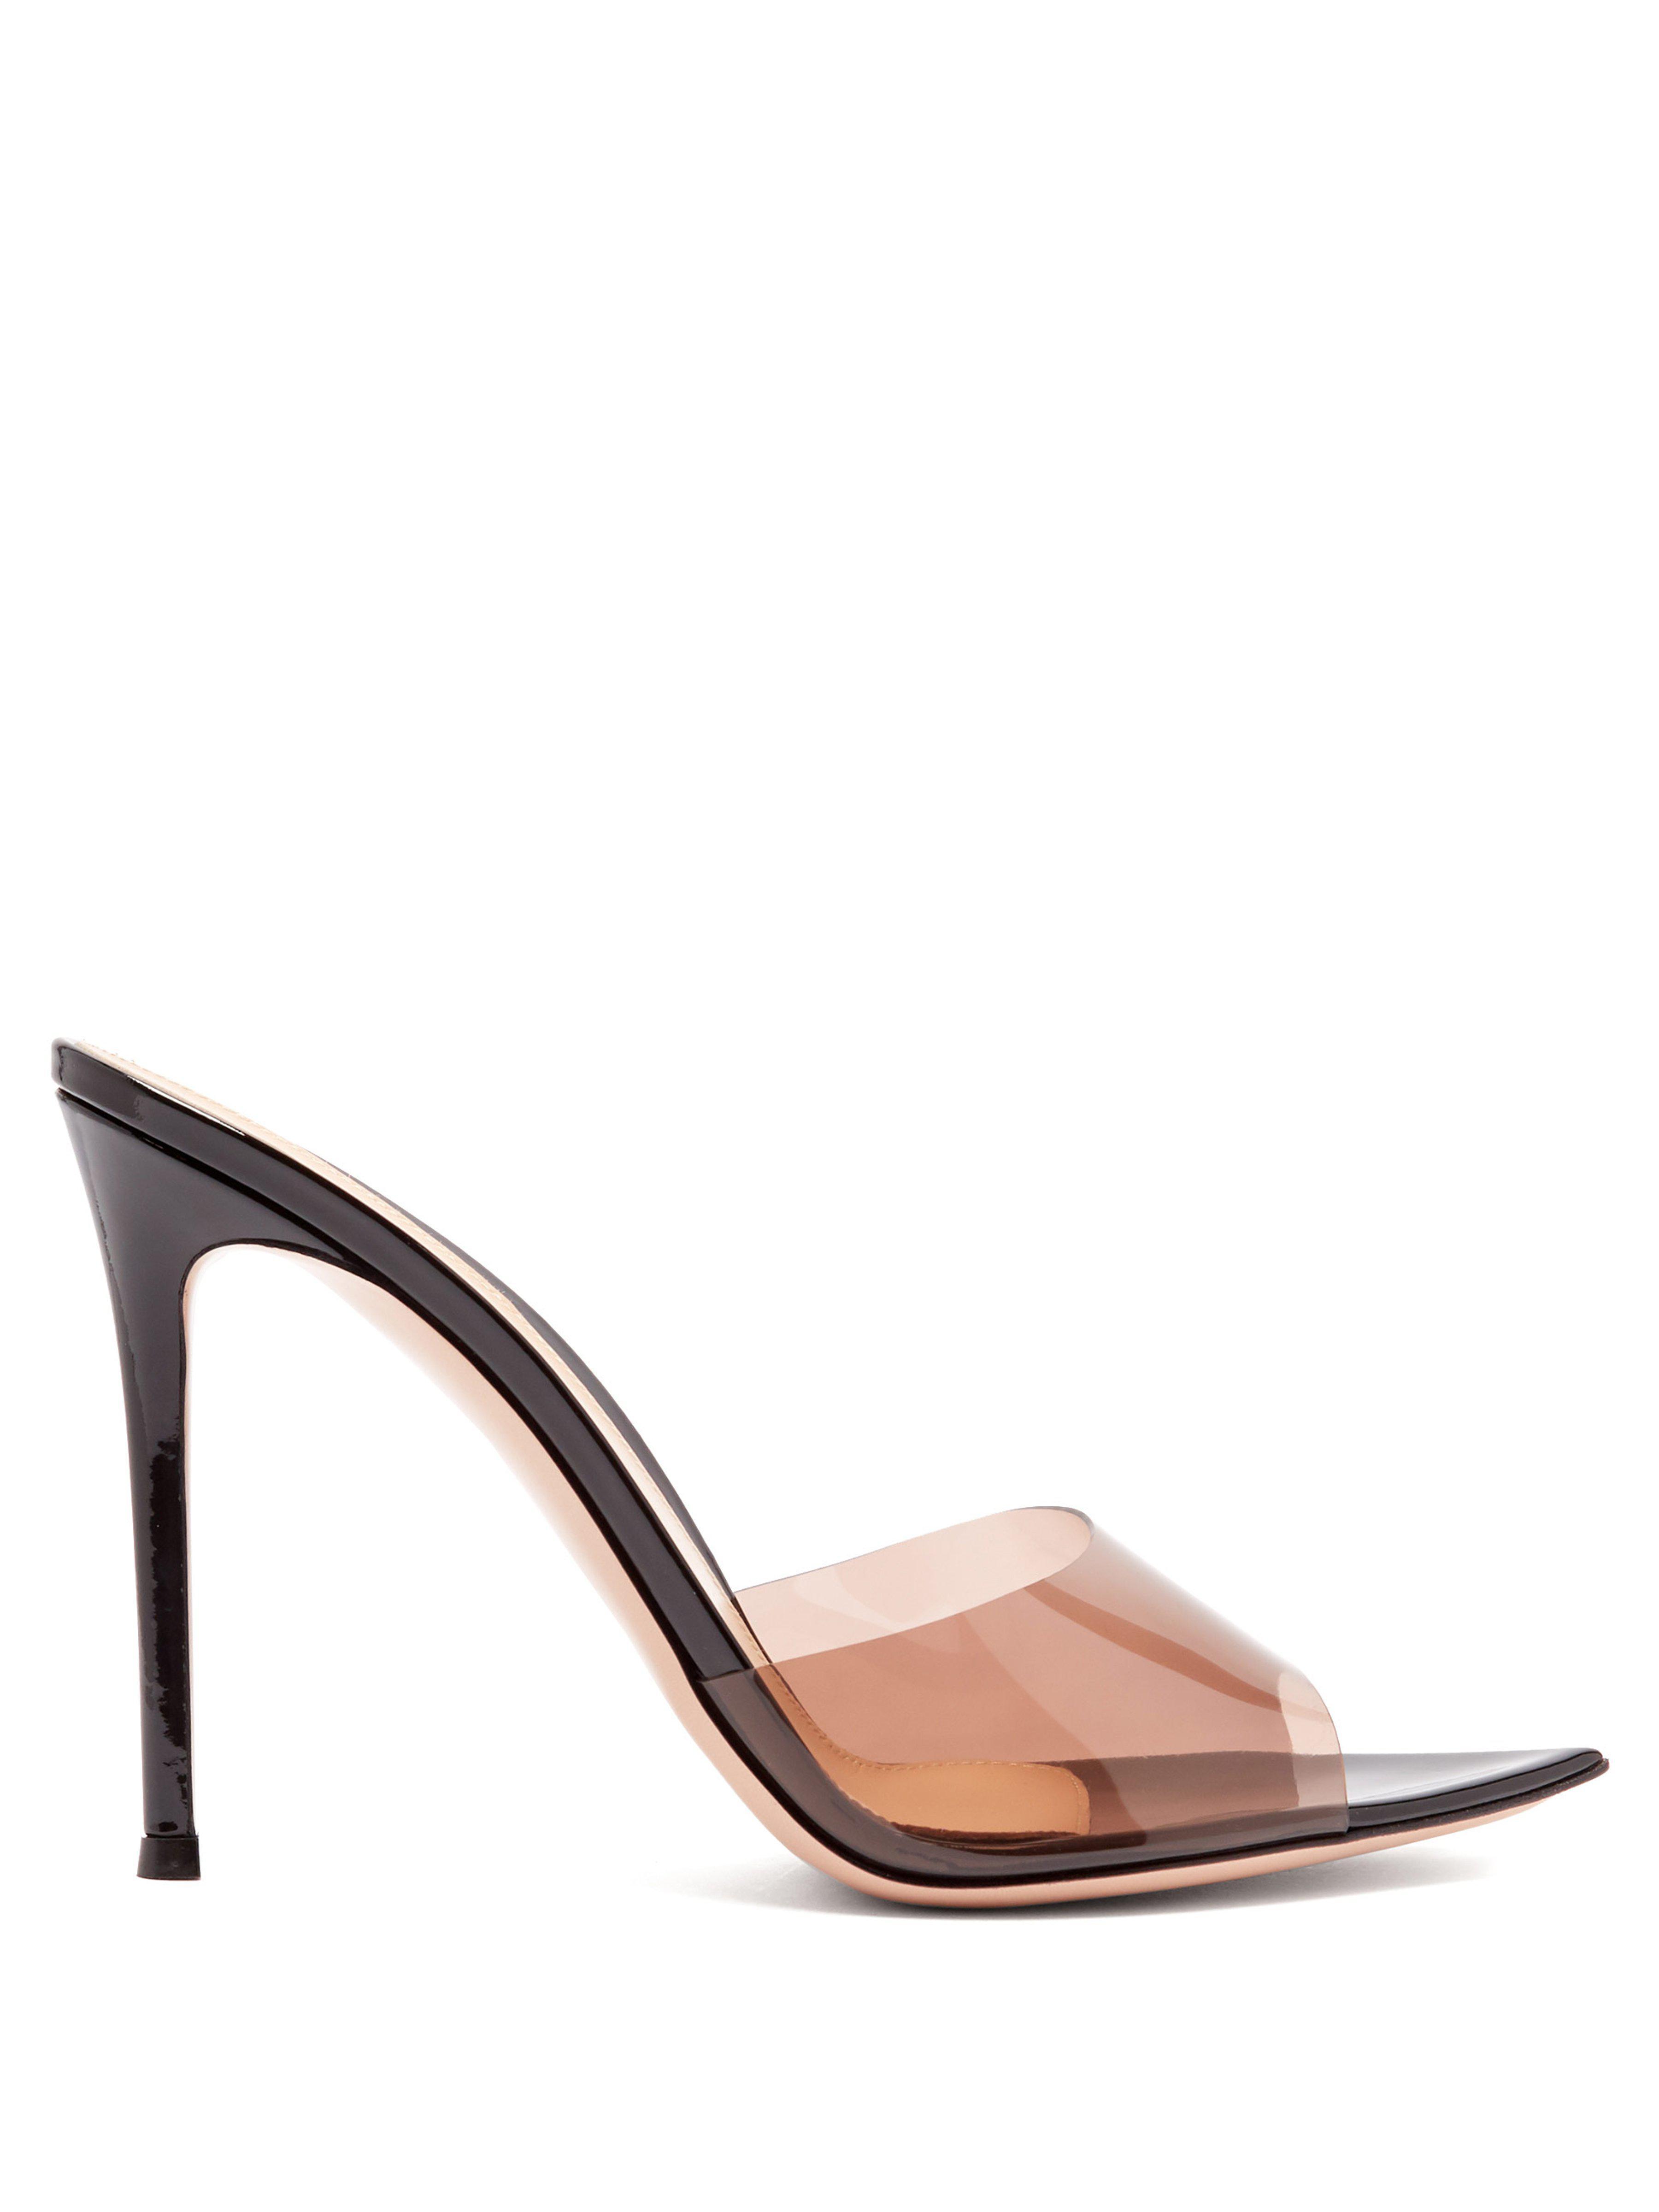 9fa45c4daec2 Gianvito Rossi Elle 105 Patent Leather Mules - Lyst